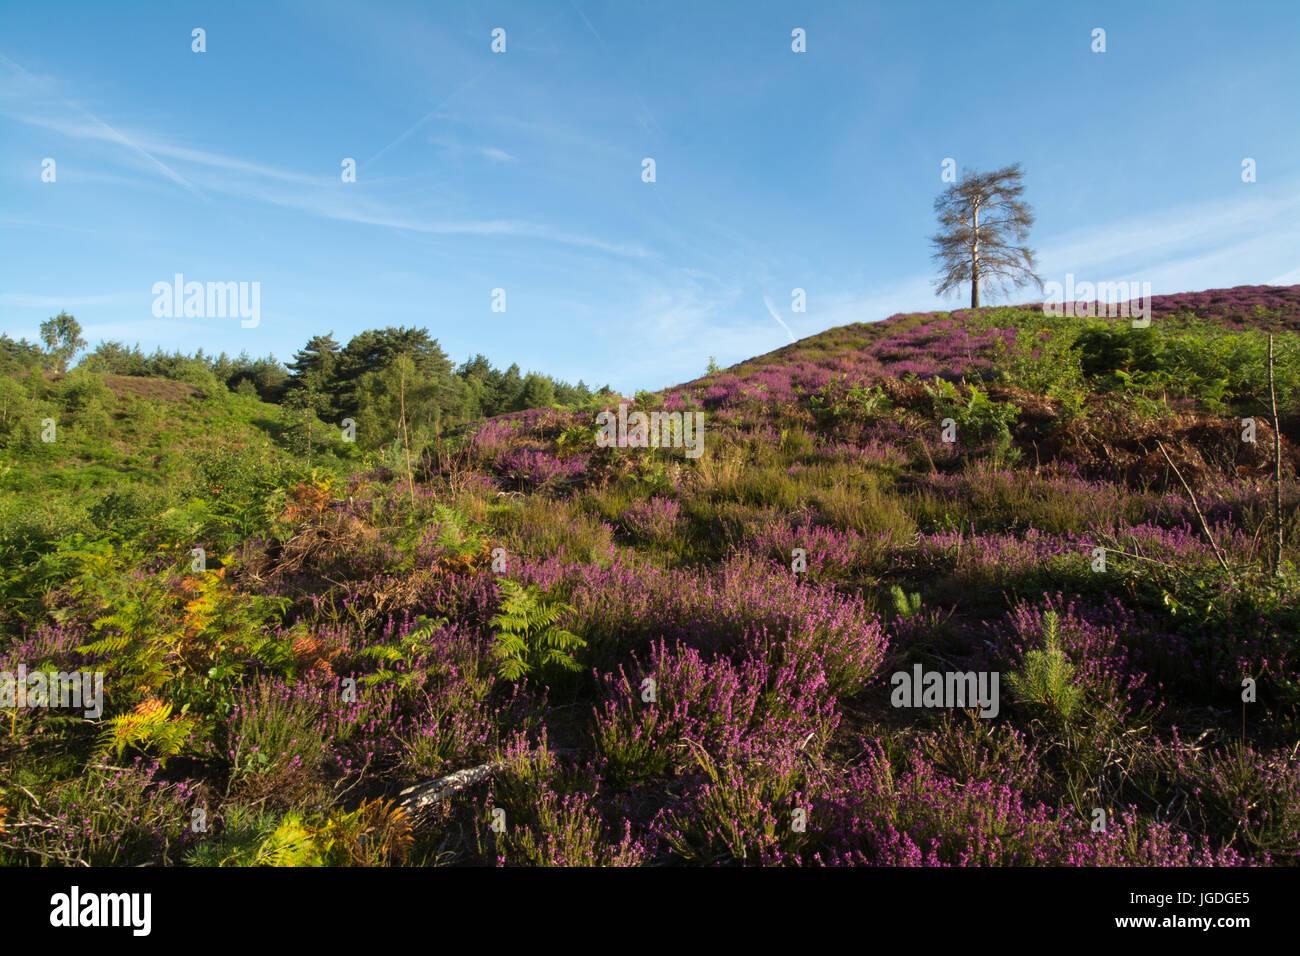 Vistas Ambersham comunes en el Parque Nacional South Downs en verano con brezo púrpura y rolling hills Imagen De Stock